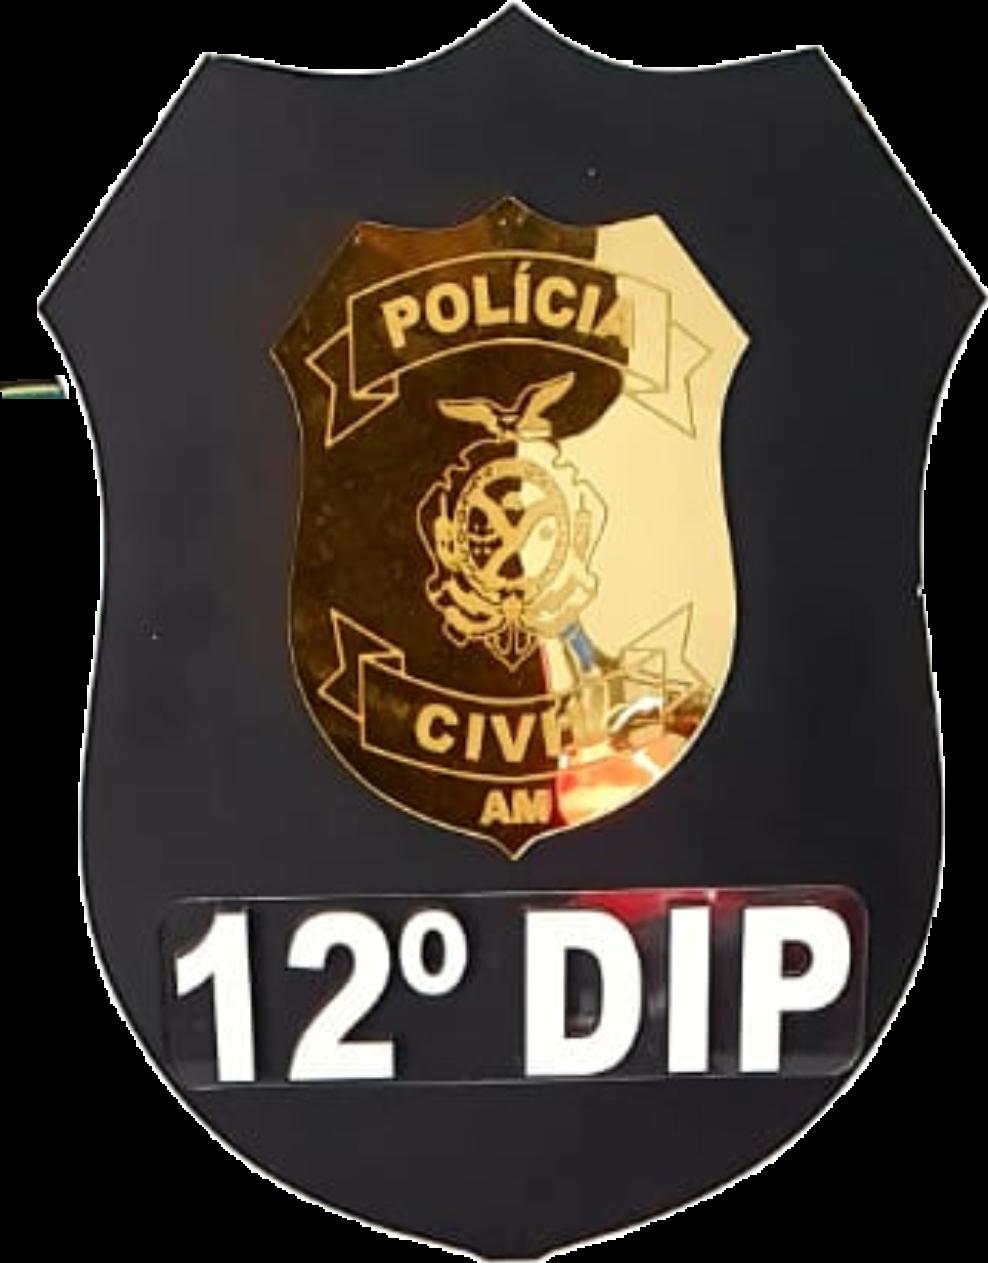 #12dip